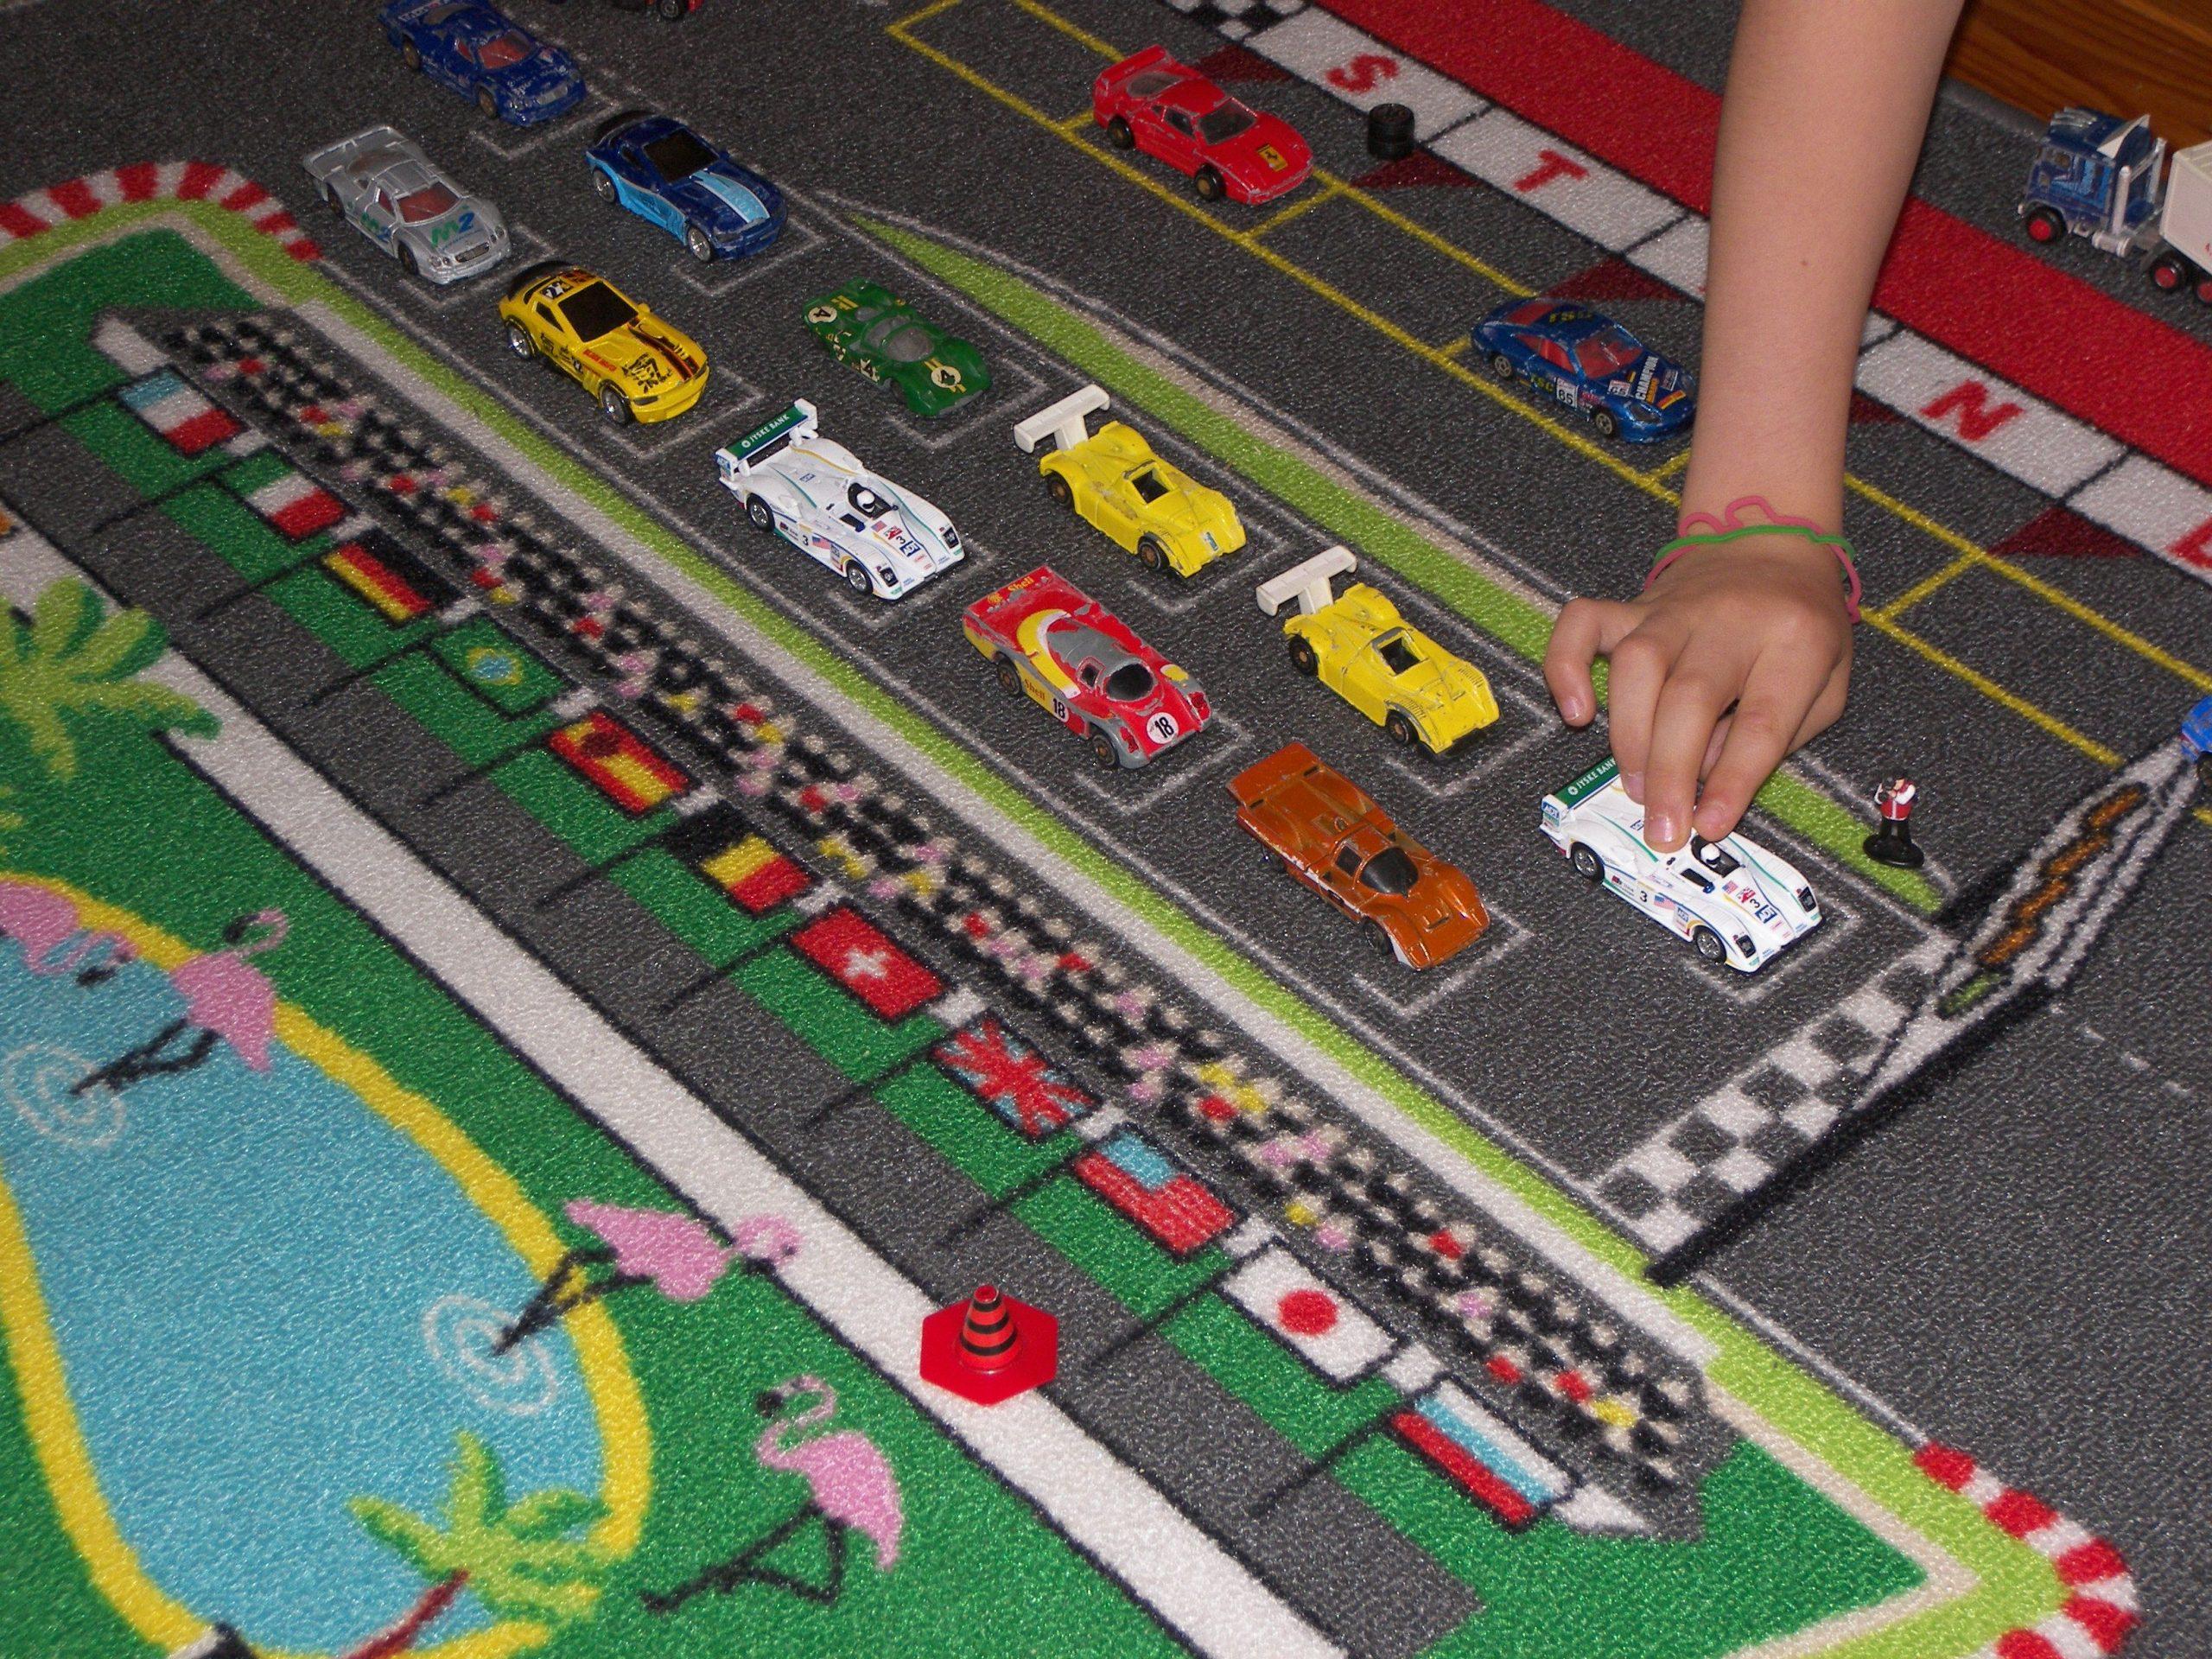 Course De Petite Voiture Sur Un Tapis De Formule 1 tout Jeux De Course Pour Enfants